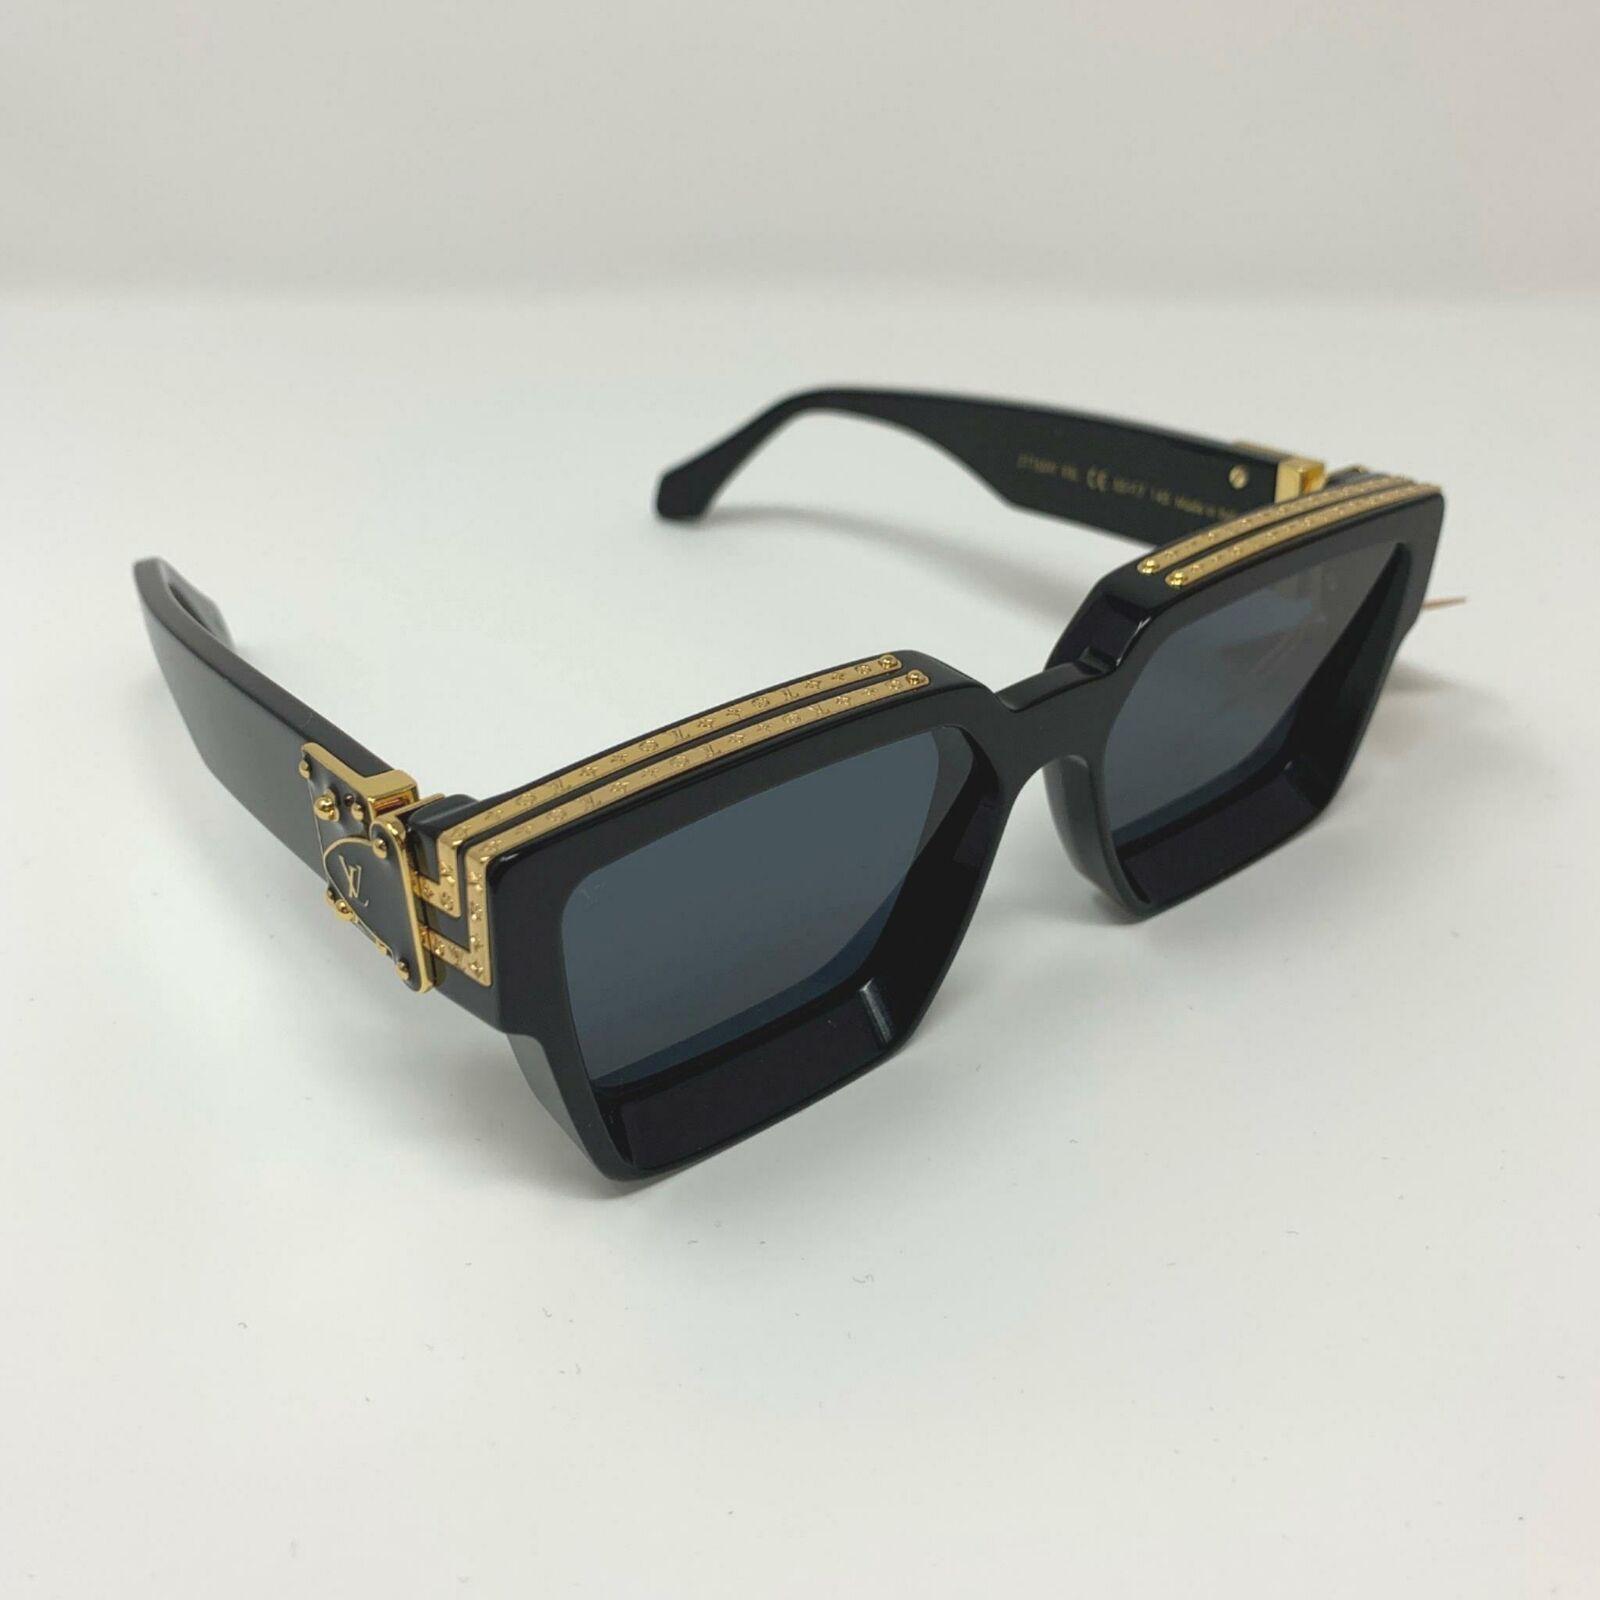 41a8f4f648d0 Louis Vuitton x Virgil Abloh Black MILLIONAIRES 1.1 Sunglasses Supreme  limited | #louisvuitton #louisvuittonsunglasses #lvsunglasses  #louisvuittonfashion ...